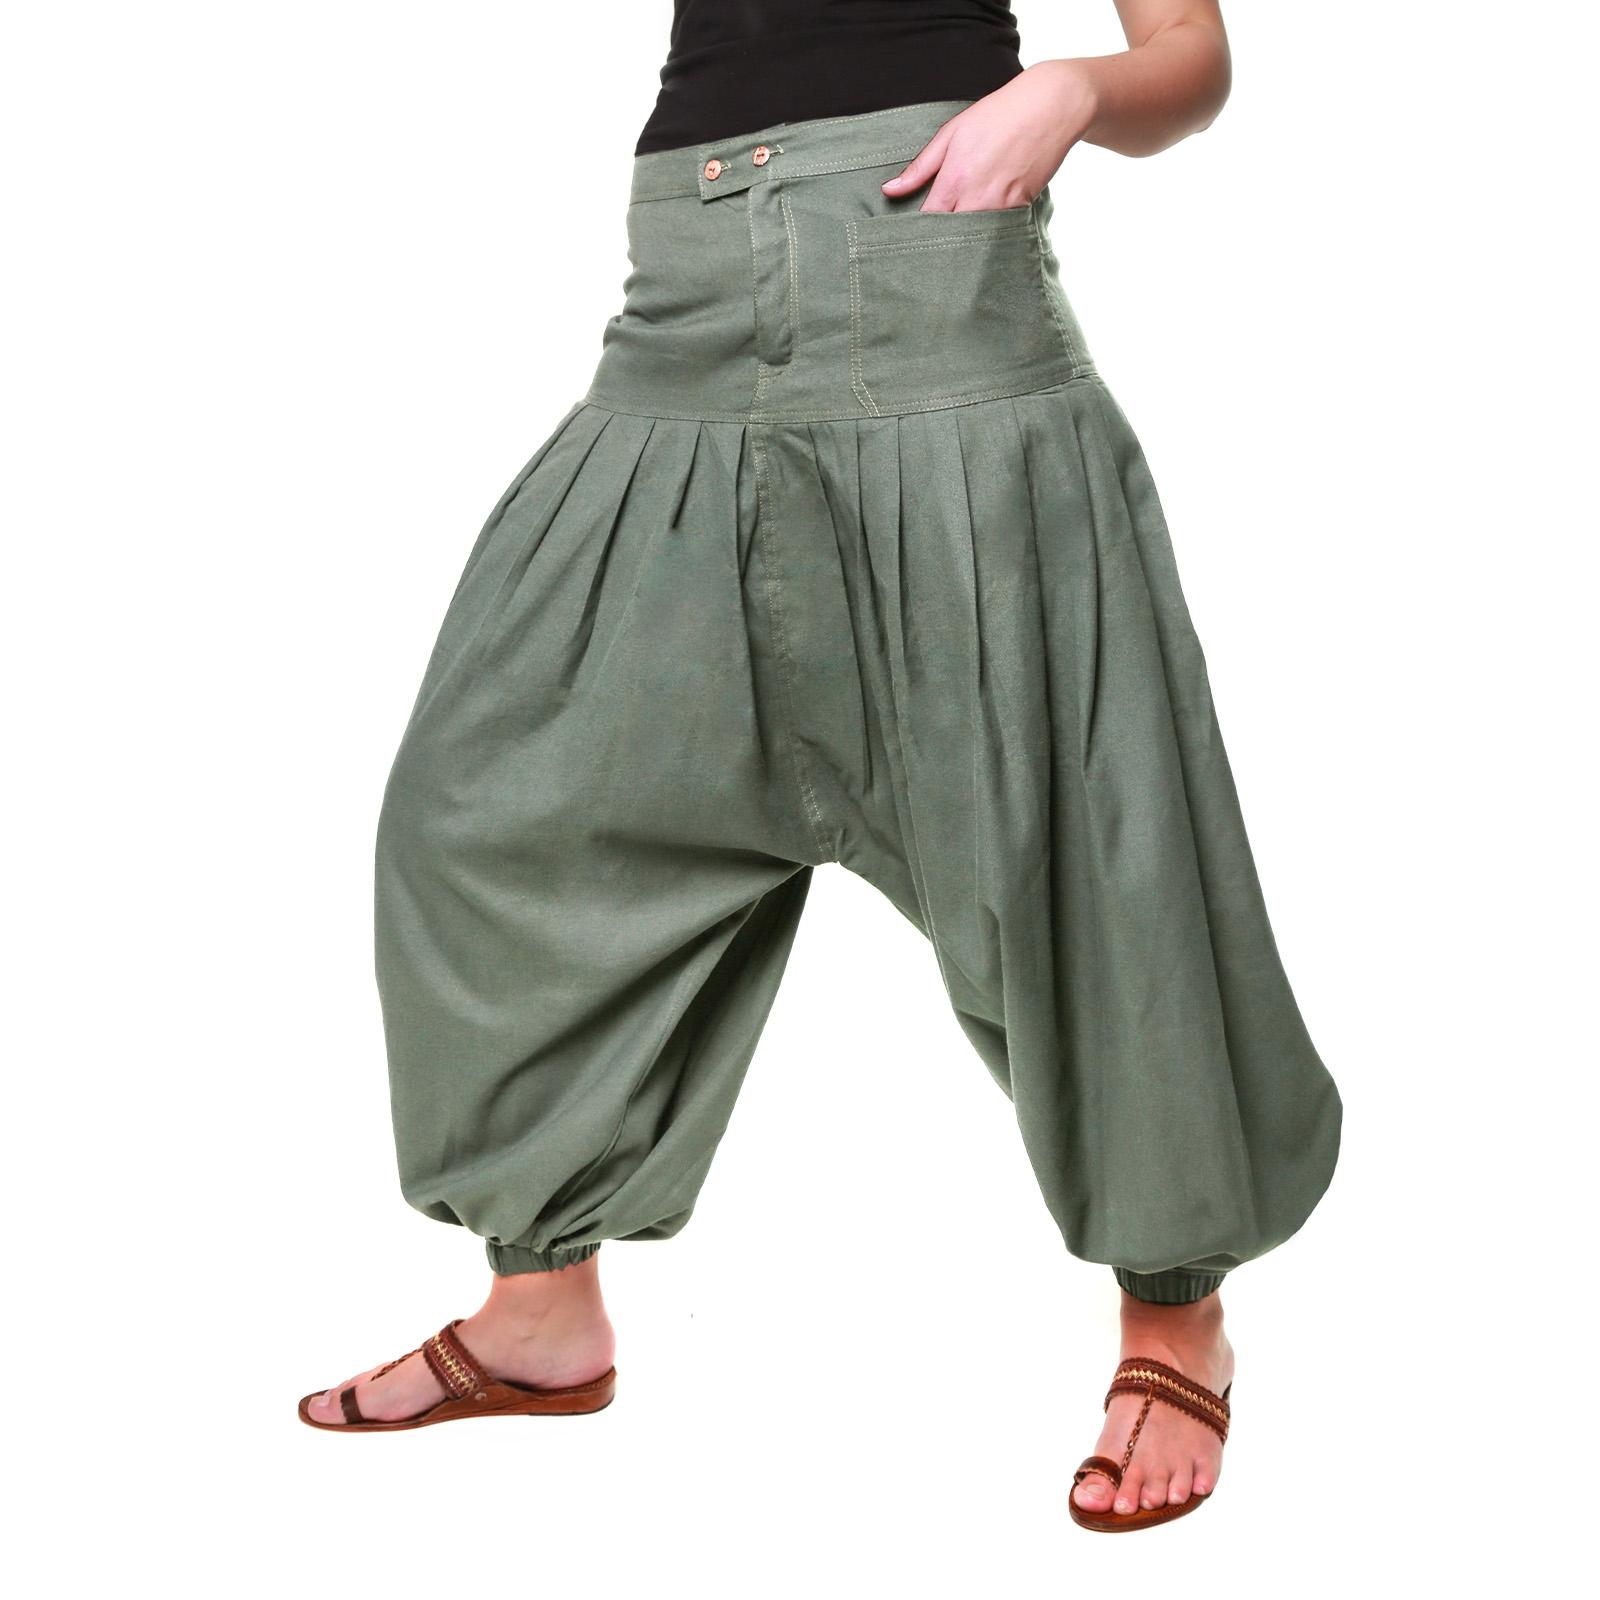 unisex parachute pants medieval summer yzrdsqr